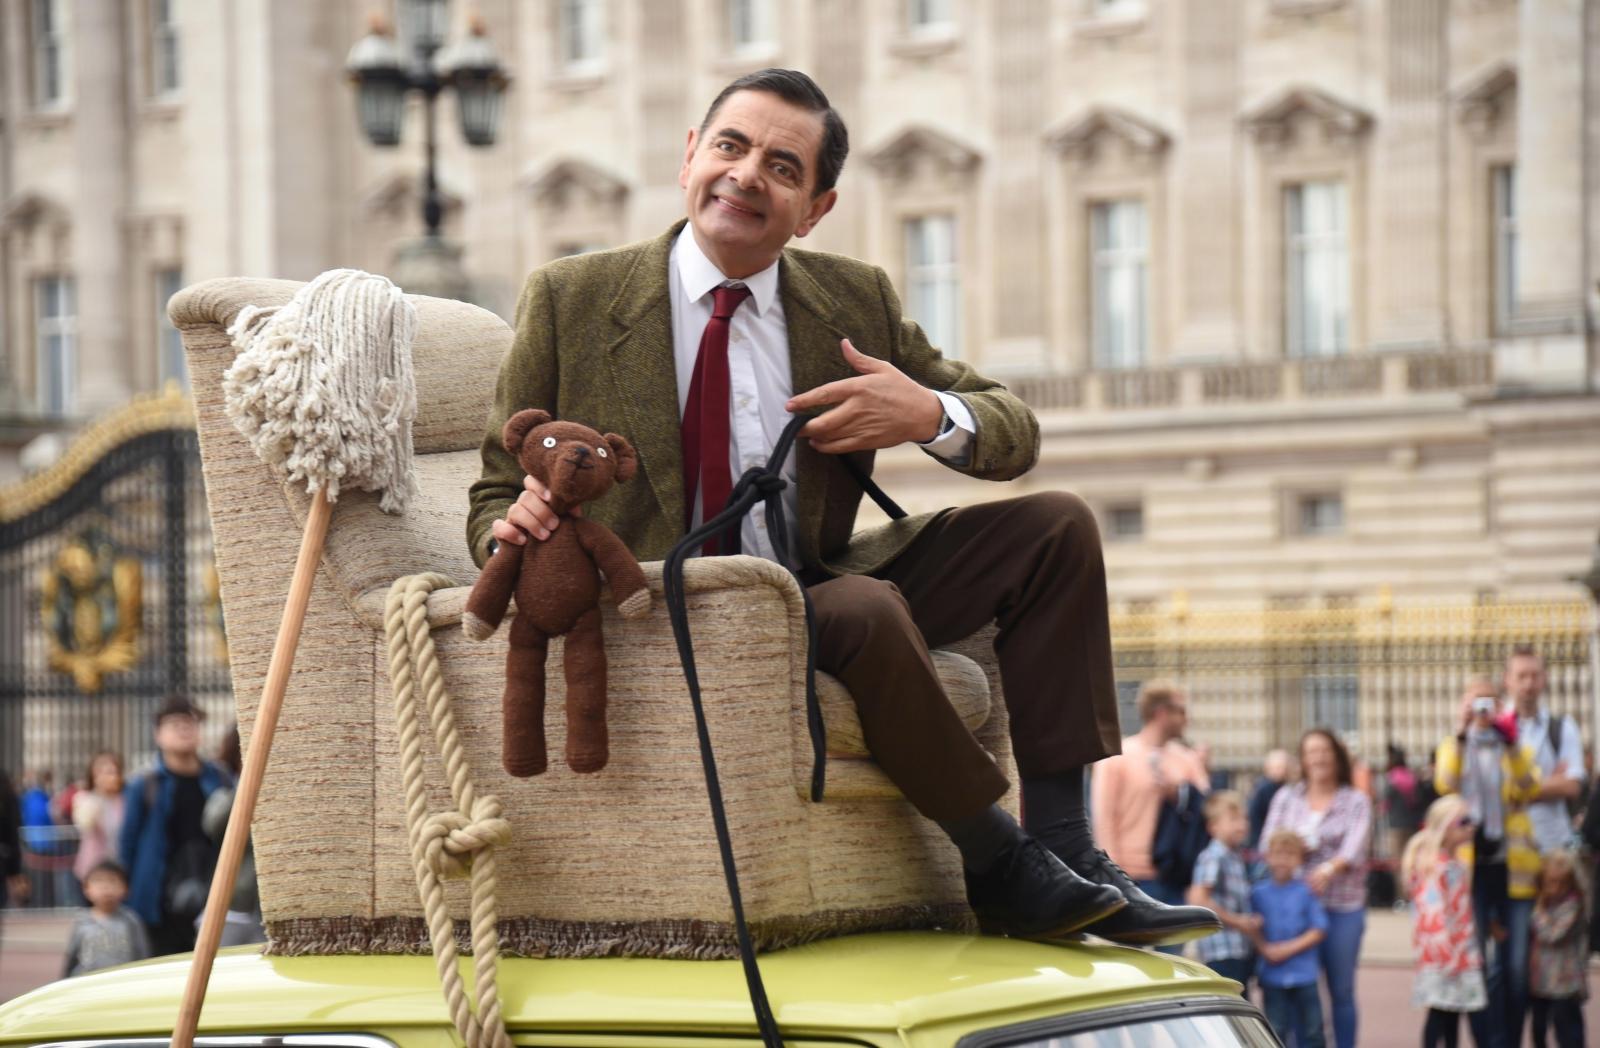 Mr Bean Video Rowan Atkinson Drives Around London To